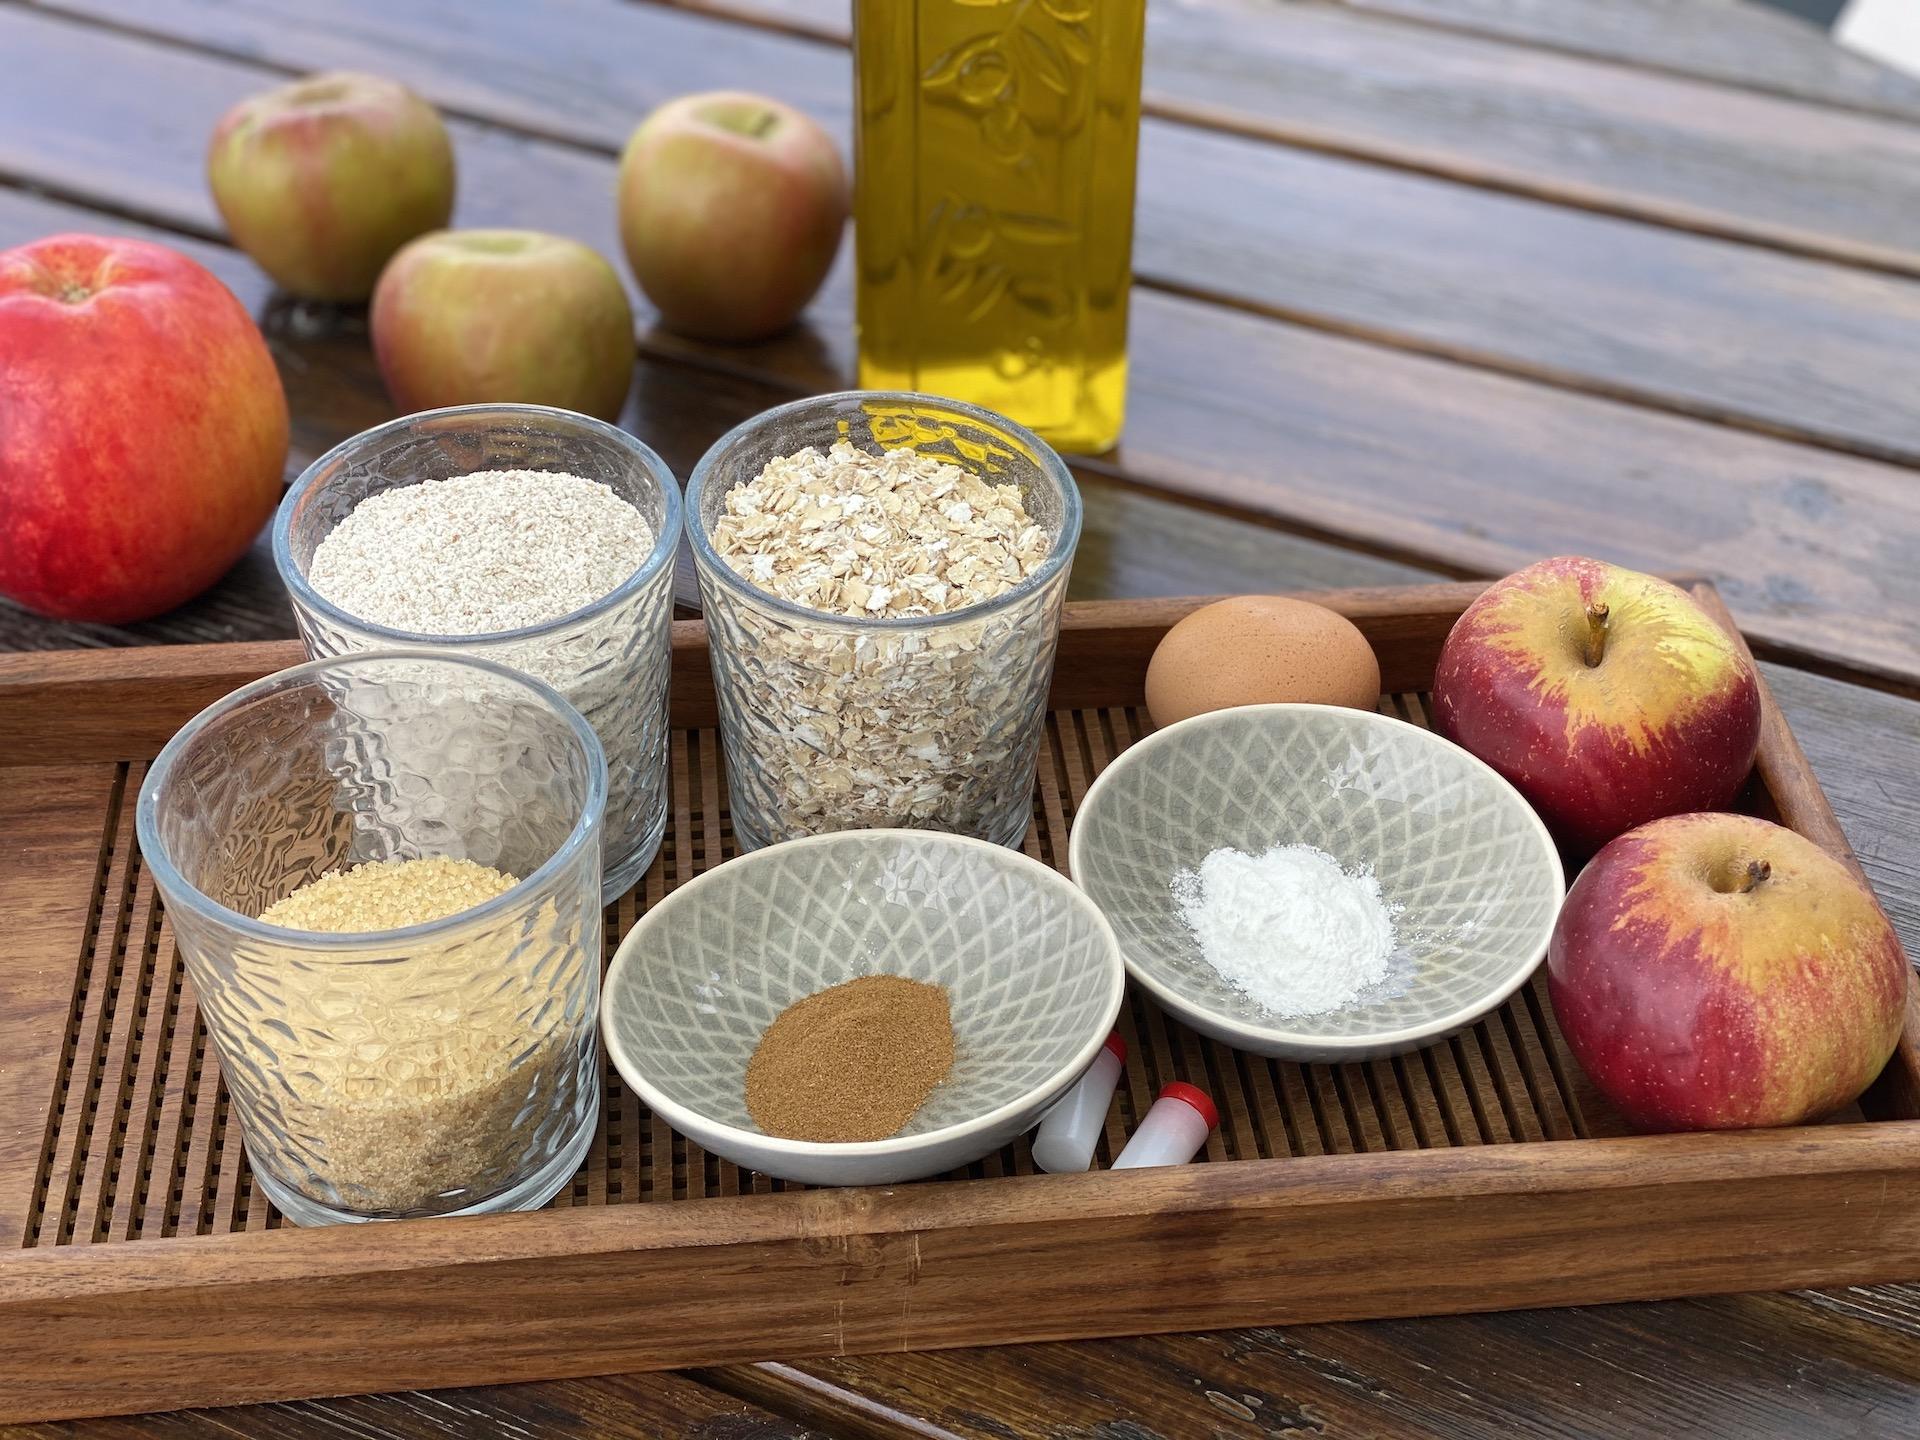 υλικά για μπισκότα μήλου κανέλας